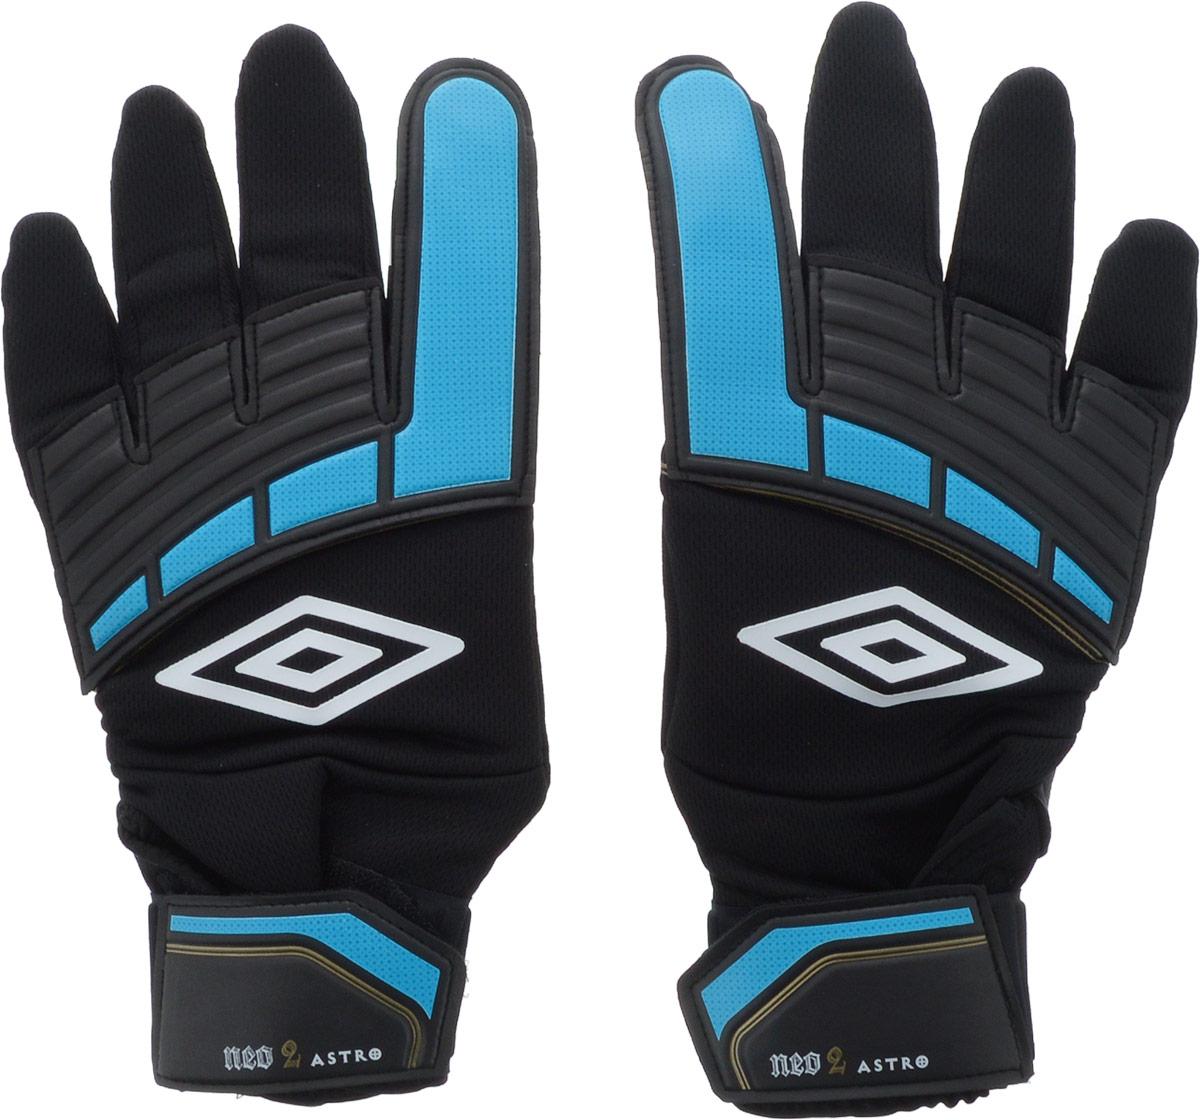 Перчатки вратарские Umbro Neo Astro Glove, цвет: черный, синий, золотой. Размер 11 светильник настенный lsq 3321 01 astro